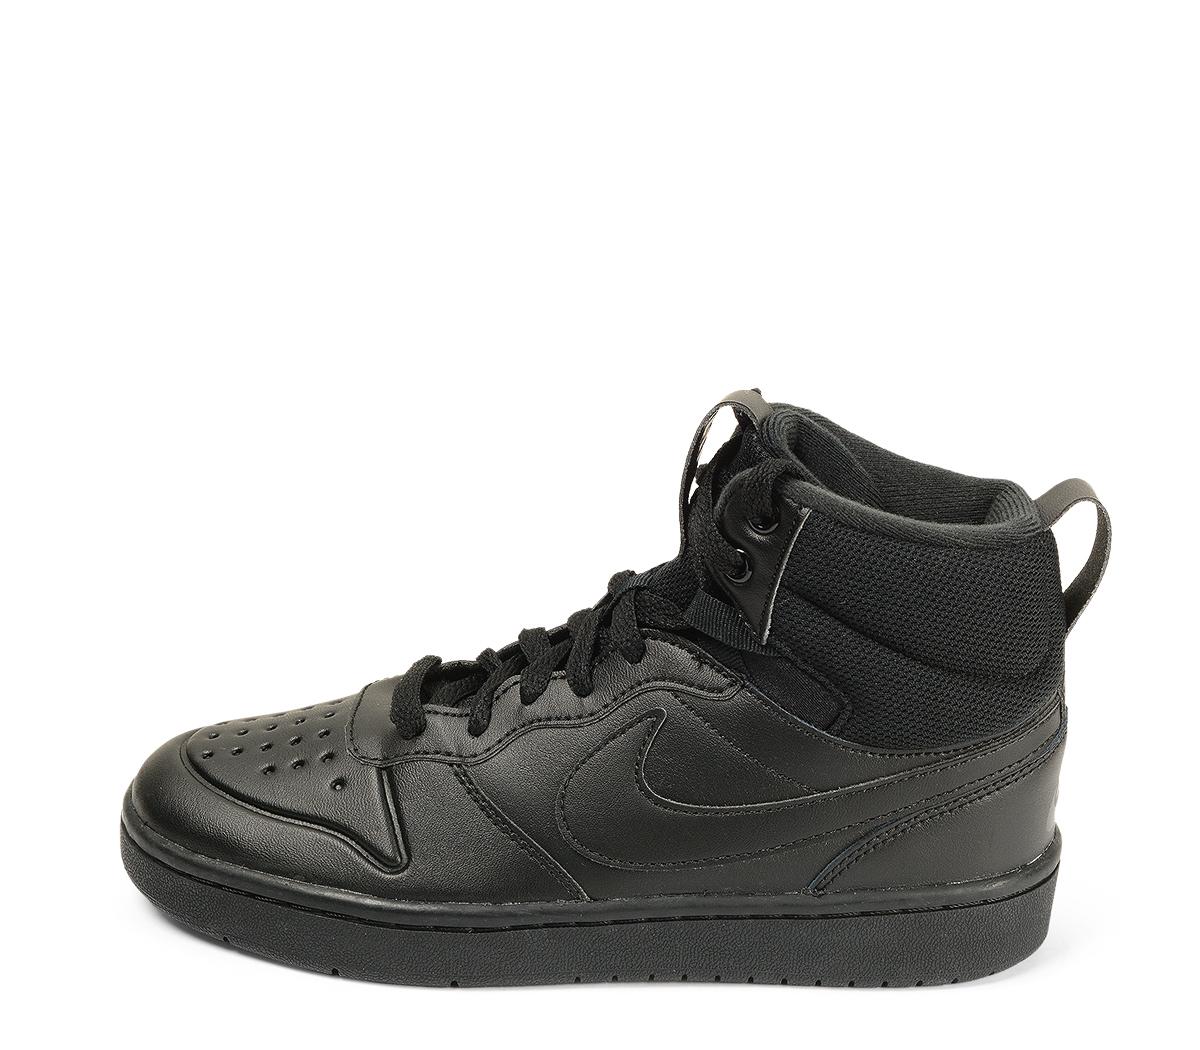 Ref. 4556 Nike de botín en piel marrón y cordones al tono. Simbolo en color negro. Suela caramelo.